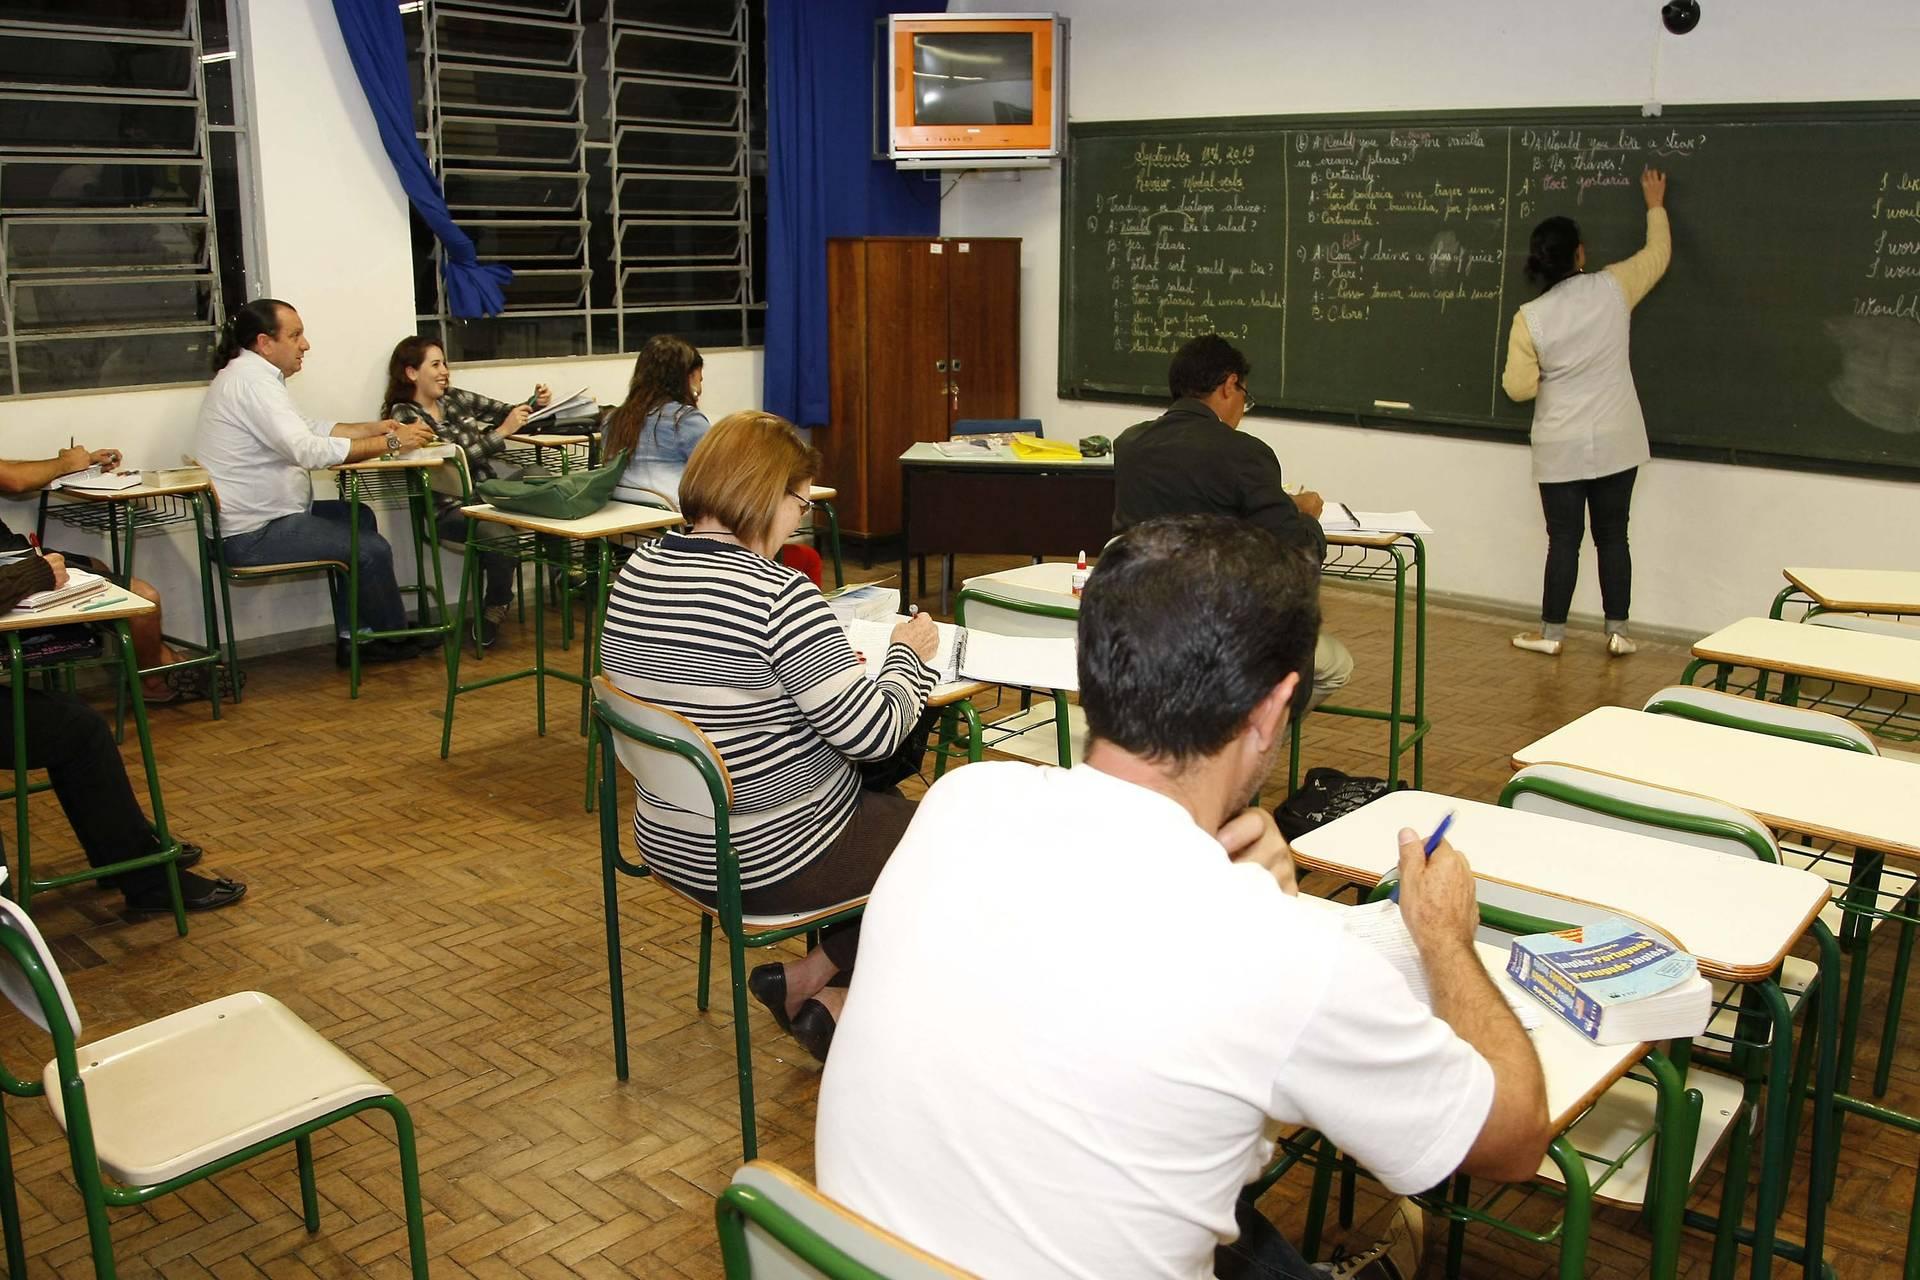 Todos que desejarem voltar a estudar e concluir seus estudos devem procurar as instituições que oferecem a modalidade e efetuar a matrícula.